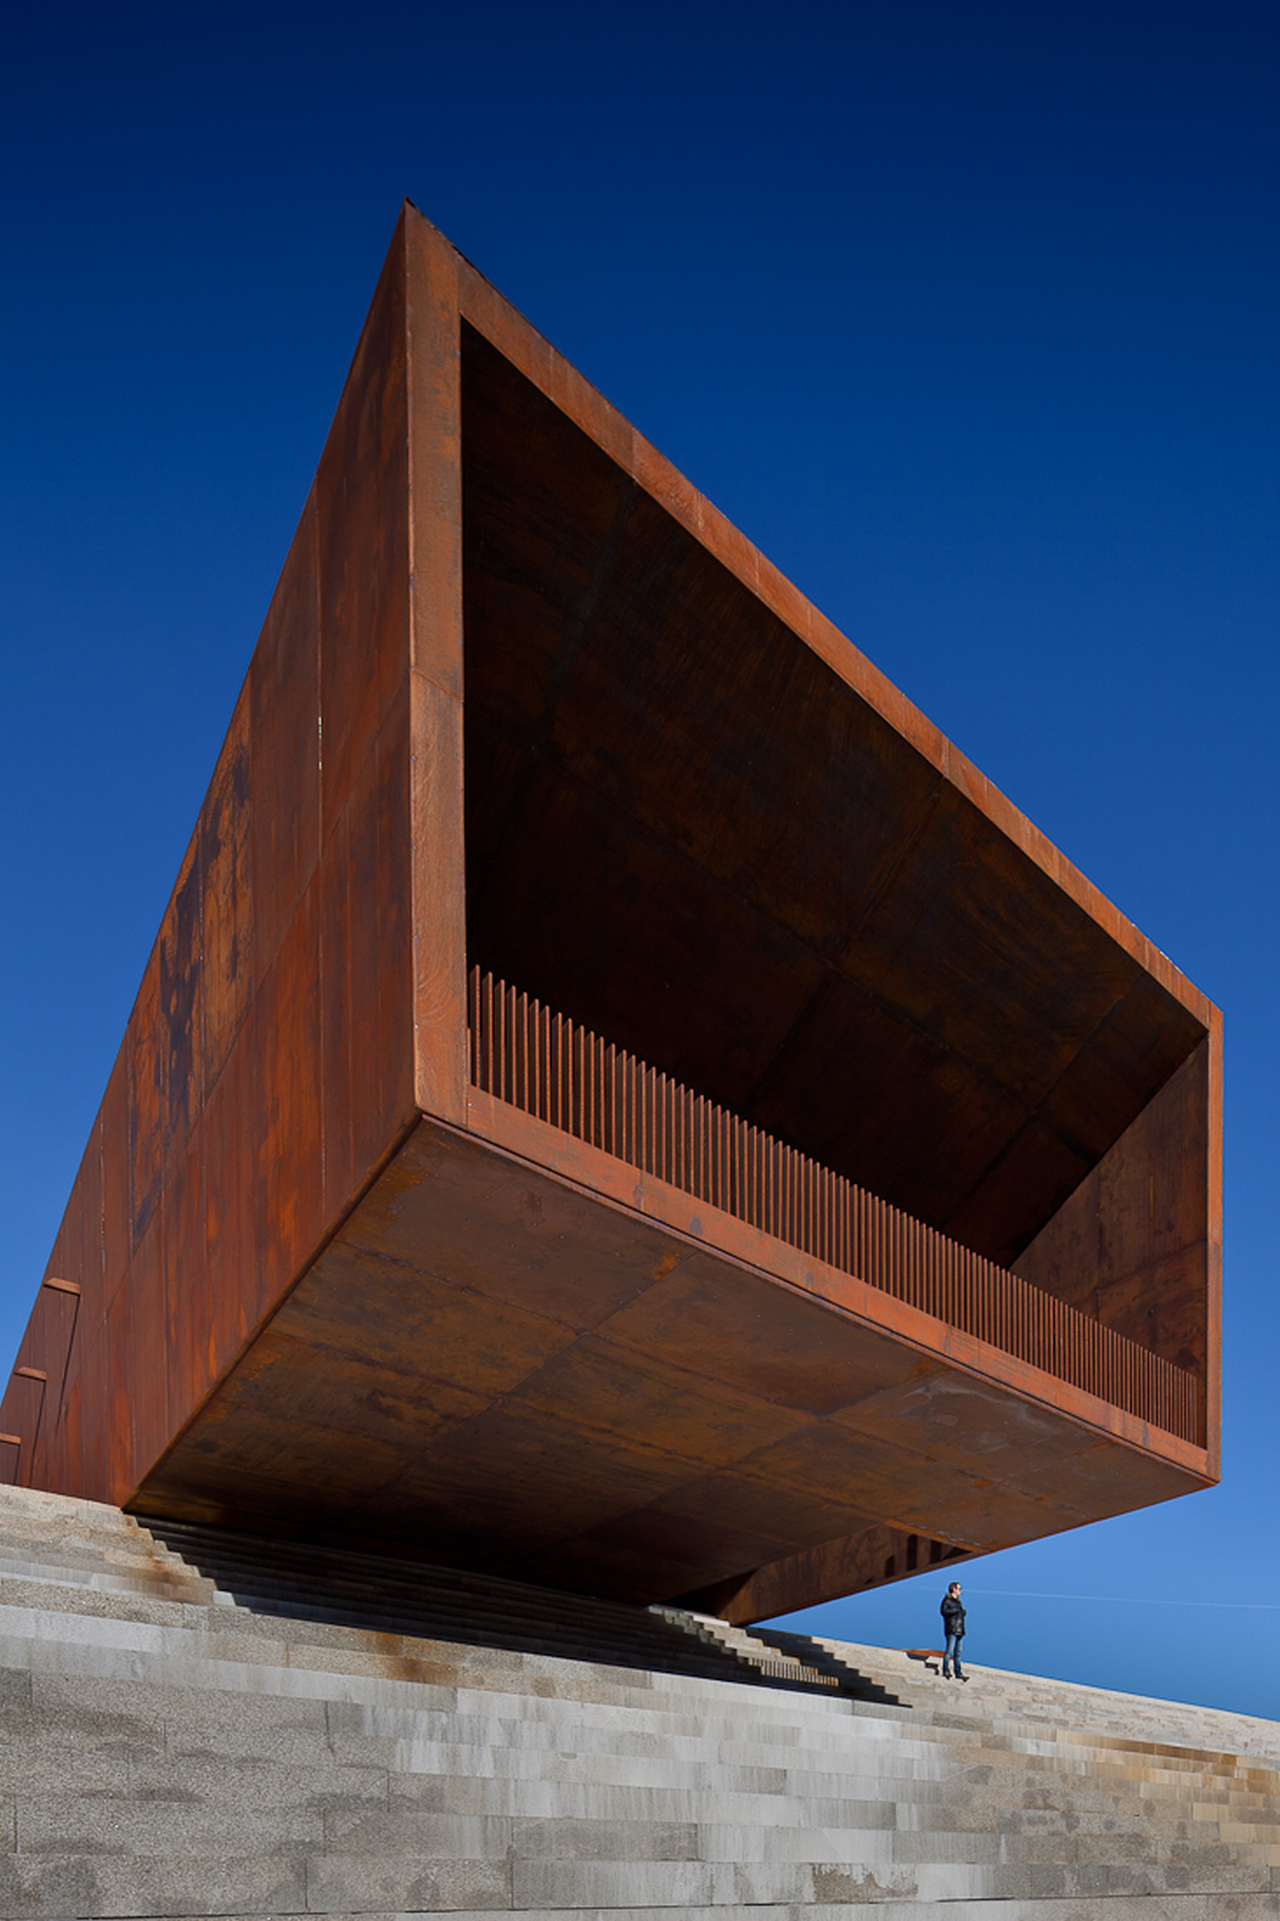 Pavilhão Multiusos de Lamego / Barbosa & Guimarães, © Jose Campos